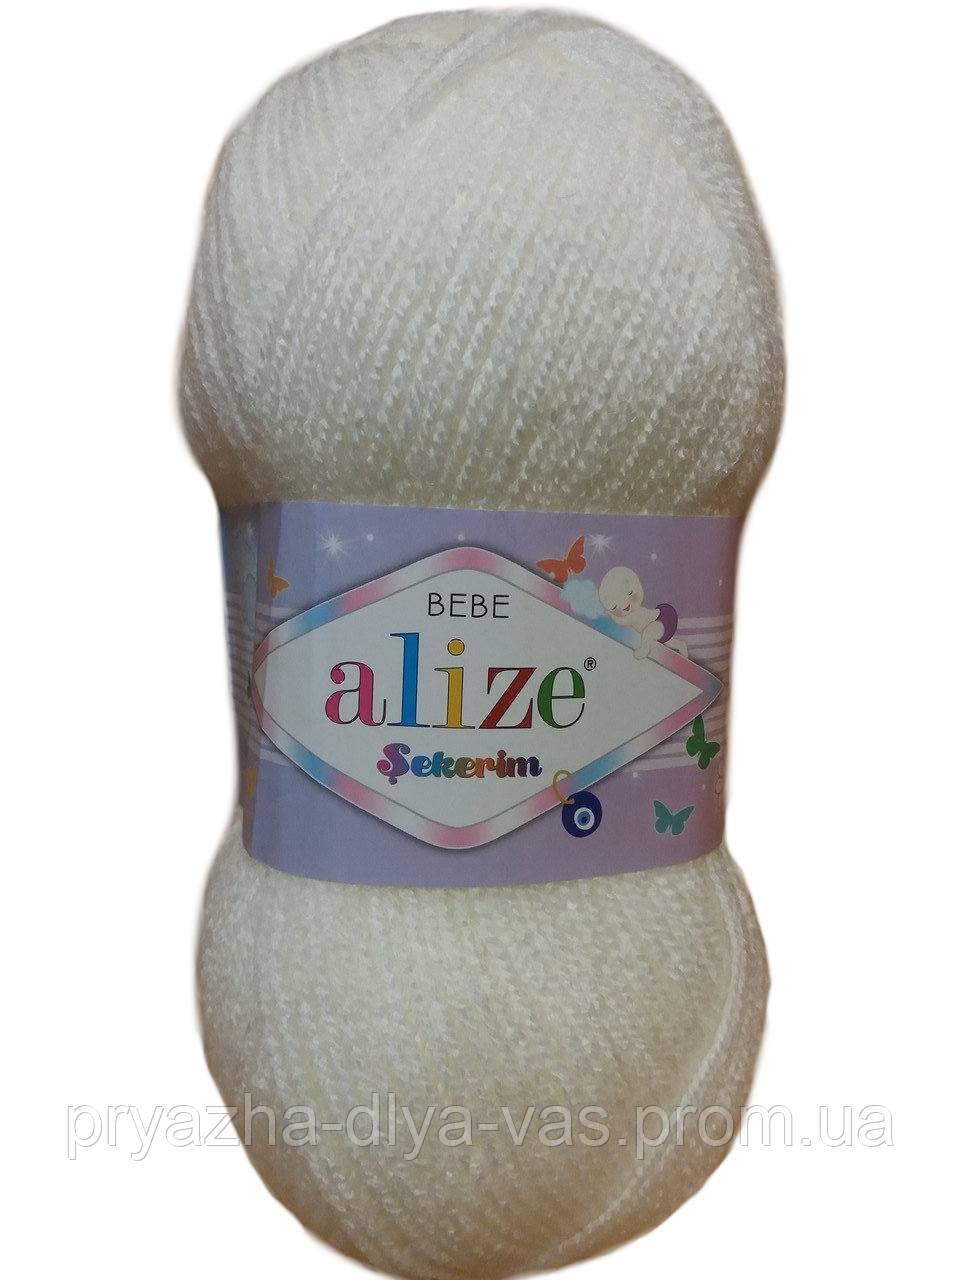 Детская пряжа(100%-акрил,100г/320м) Alize Sekerim bebe 450(жемчужный)